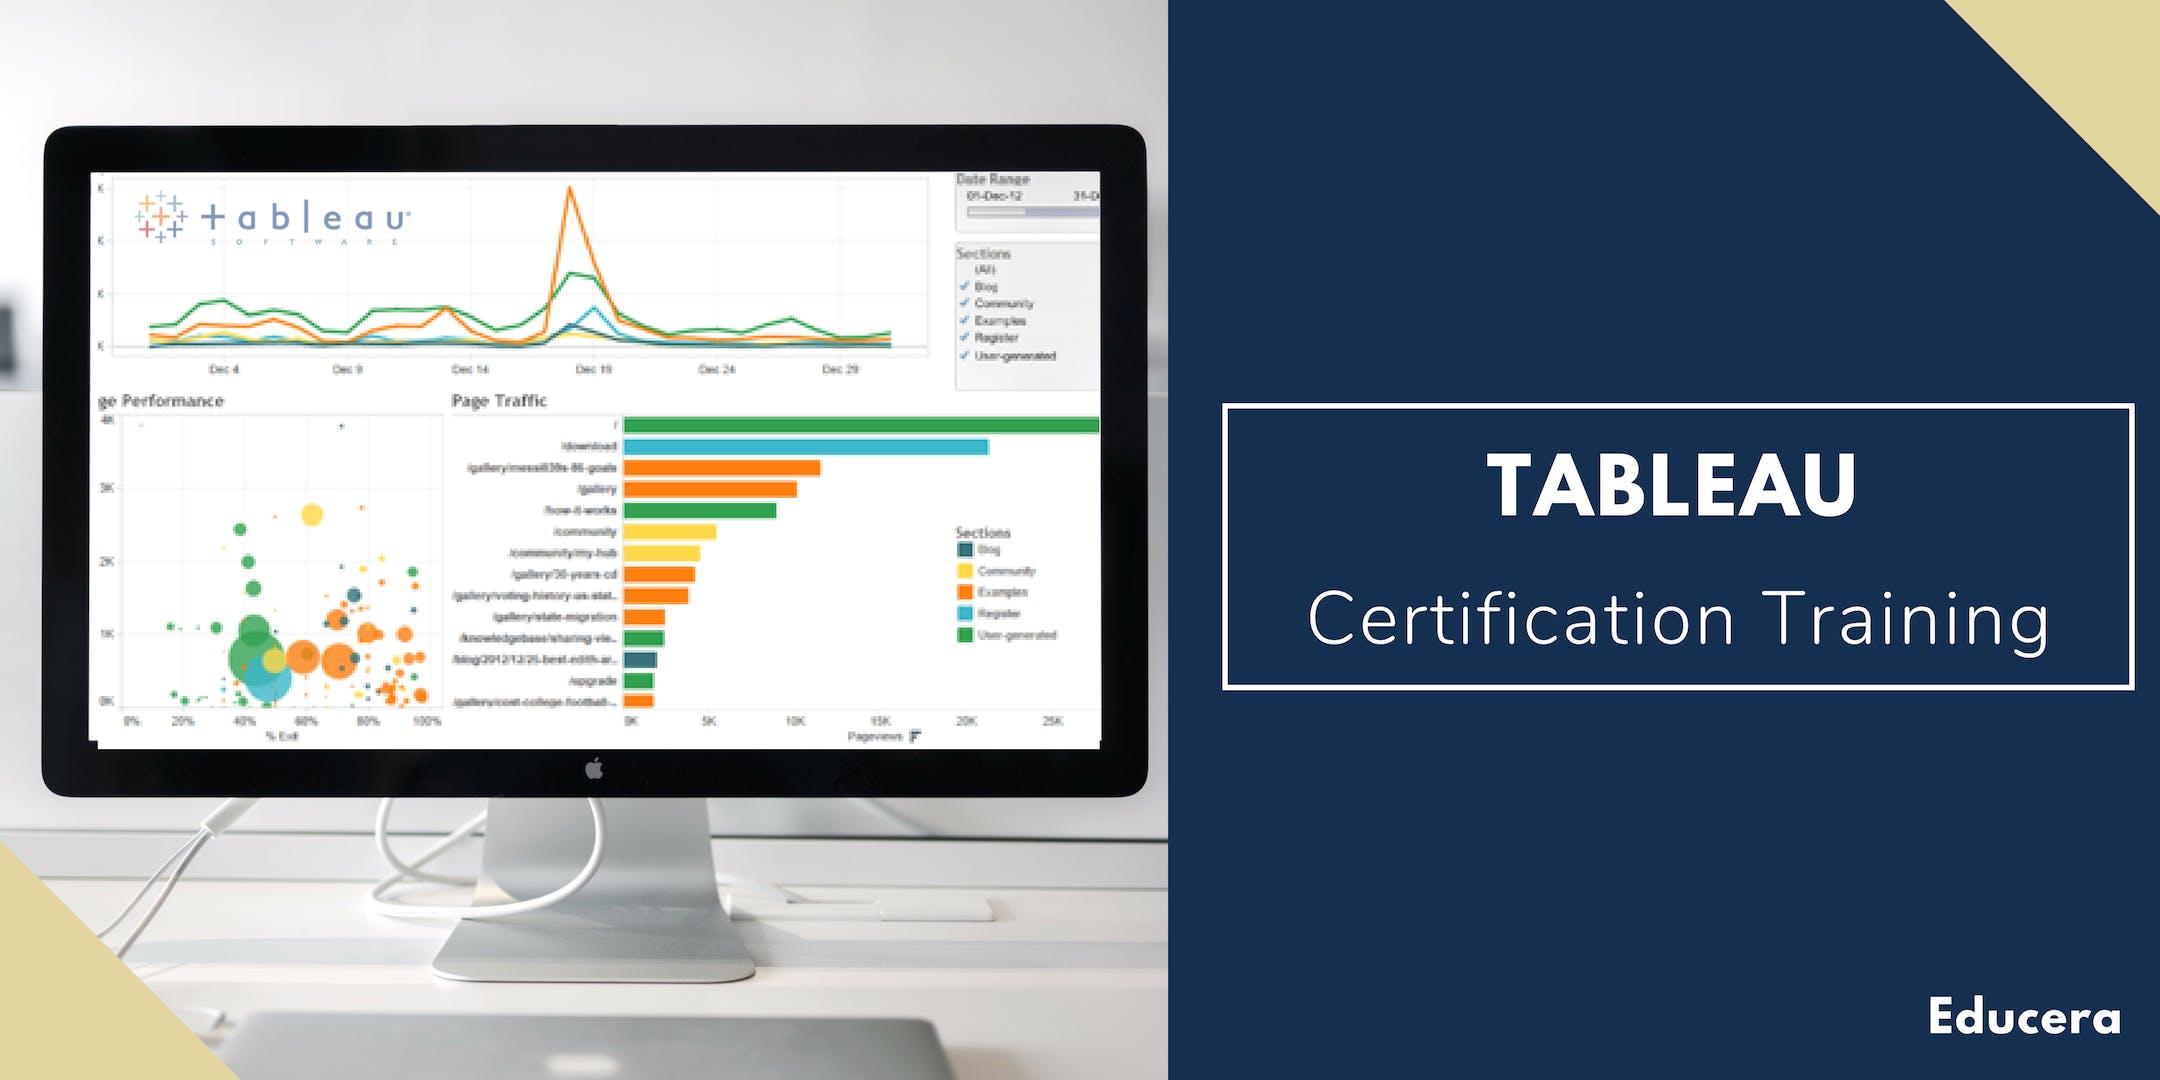 Tableau Certification Training in Kildonan, MB